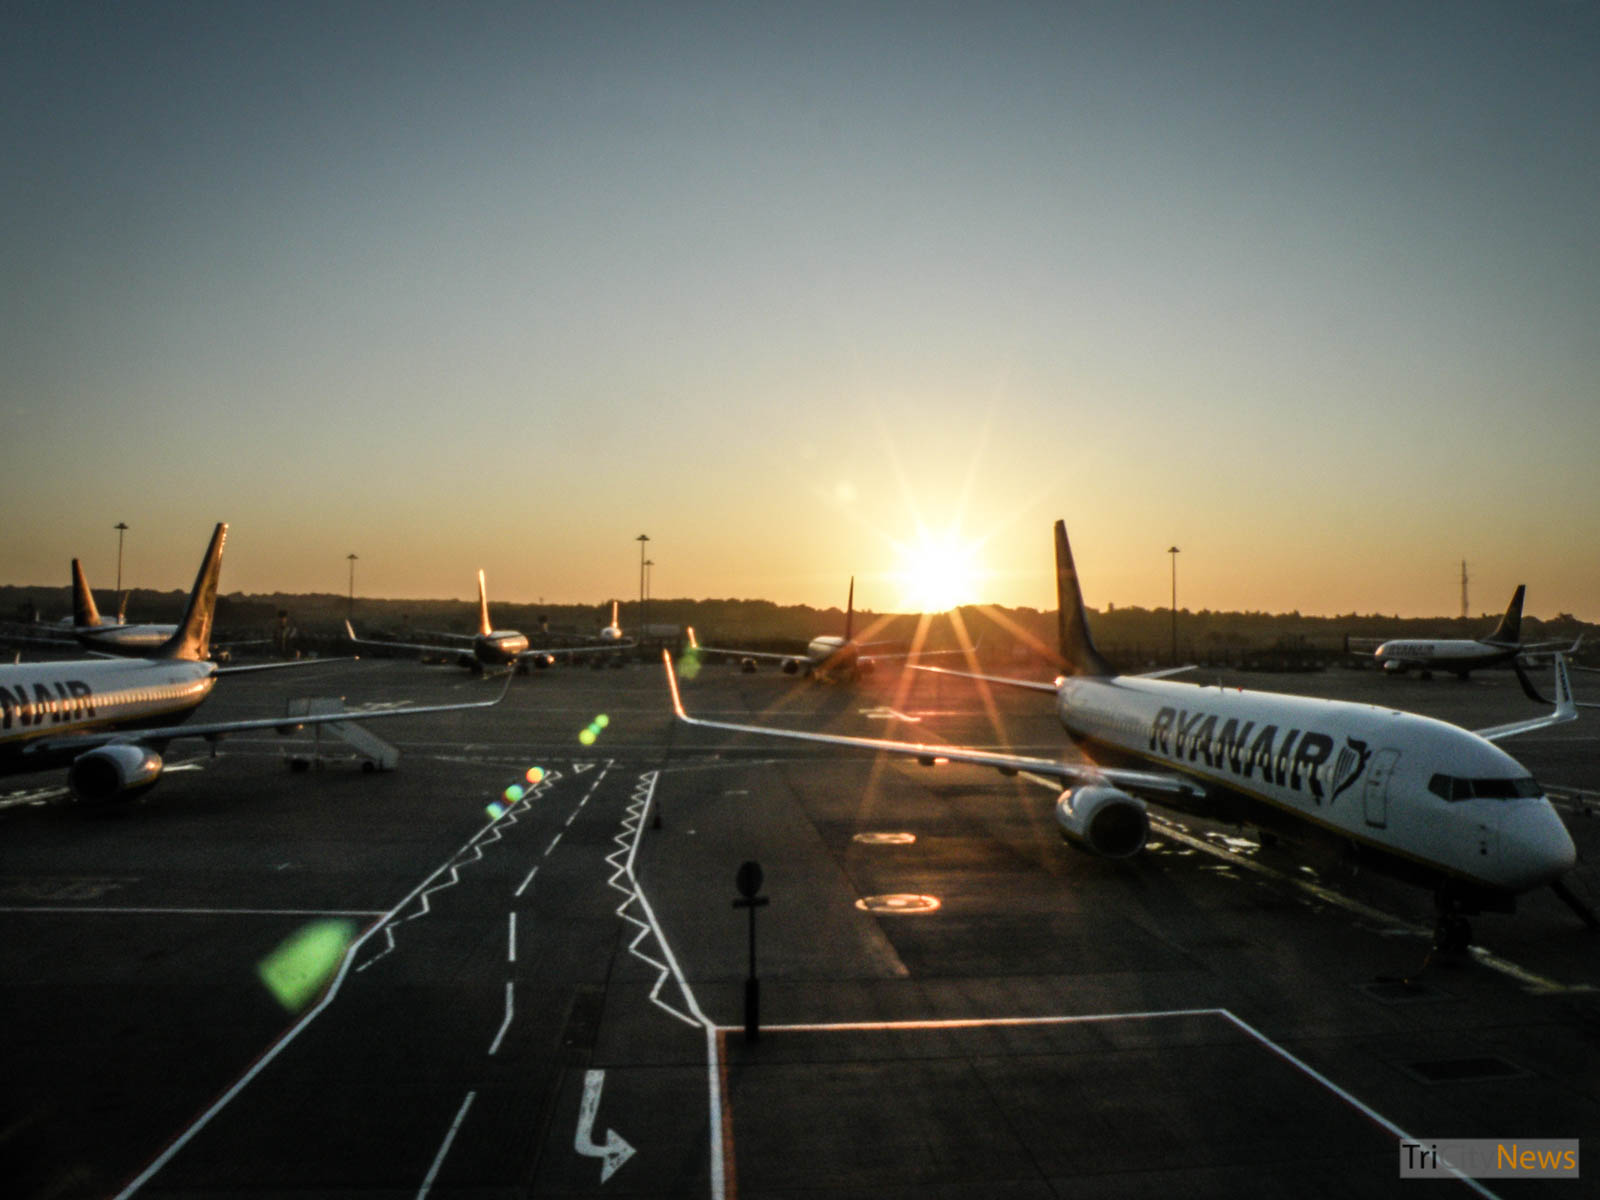 Relocate to Poland, Photo: Jakub Wozniak/Tricity News